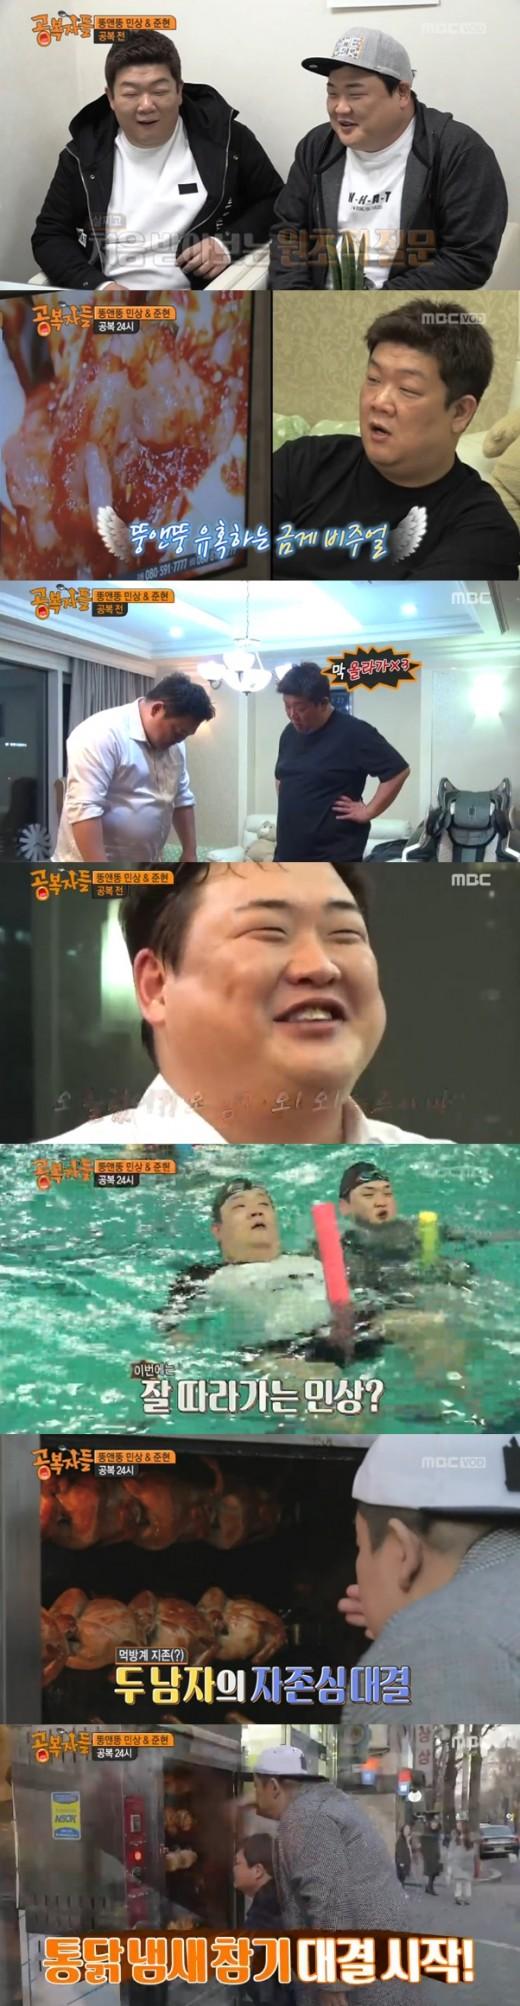 '공복자들' 유민상x김준현, 시청자도 낯선 그들의 공복 _이미지